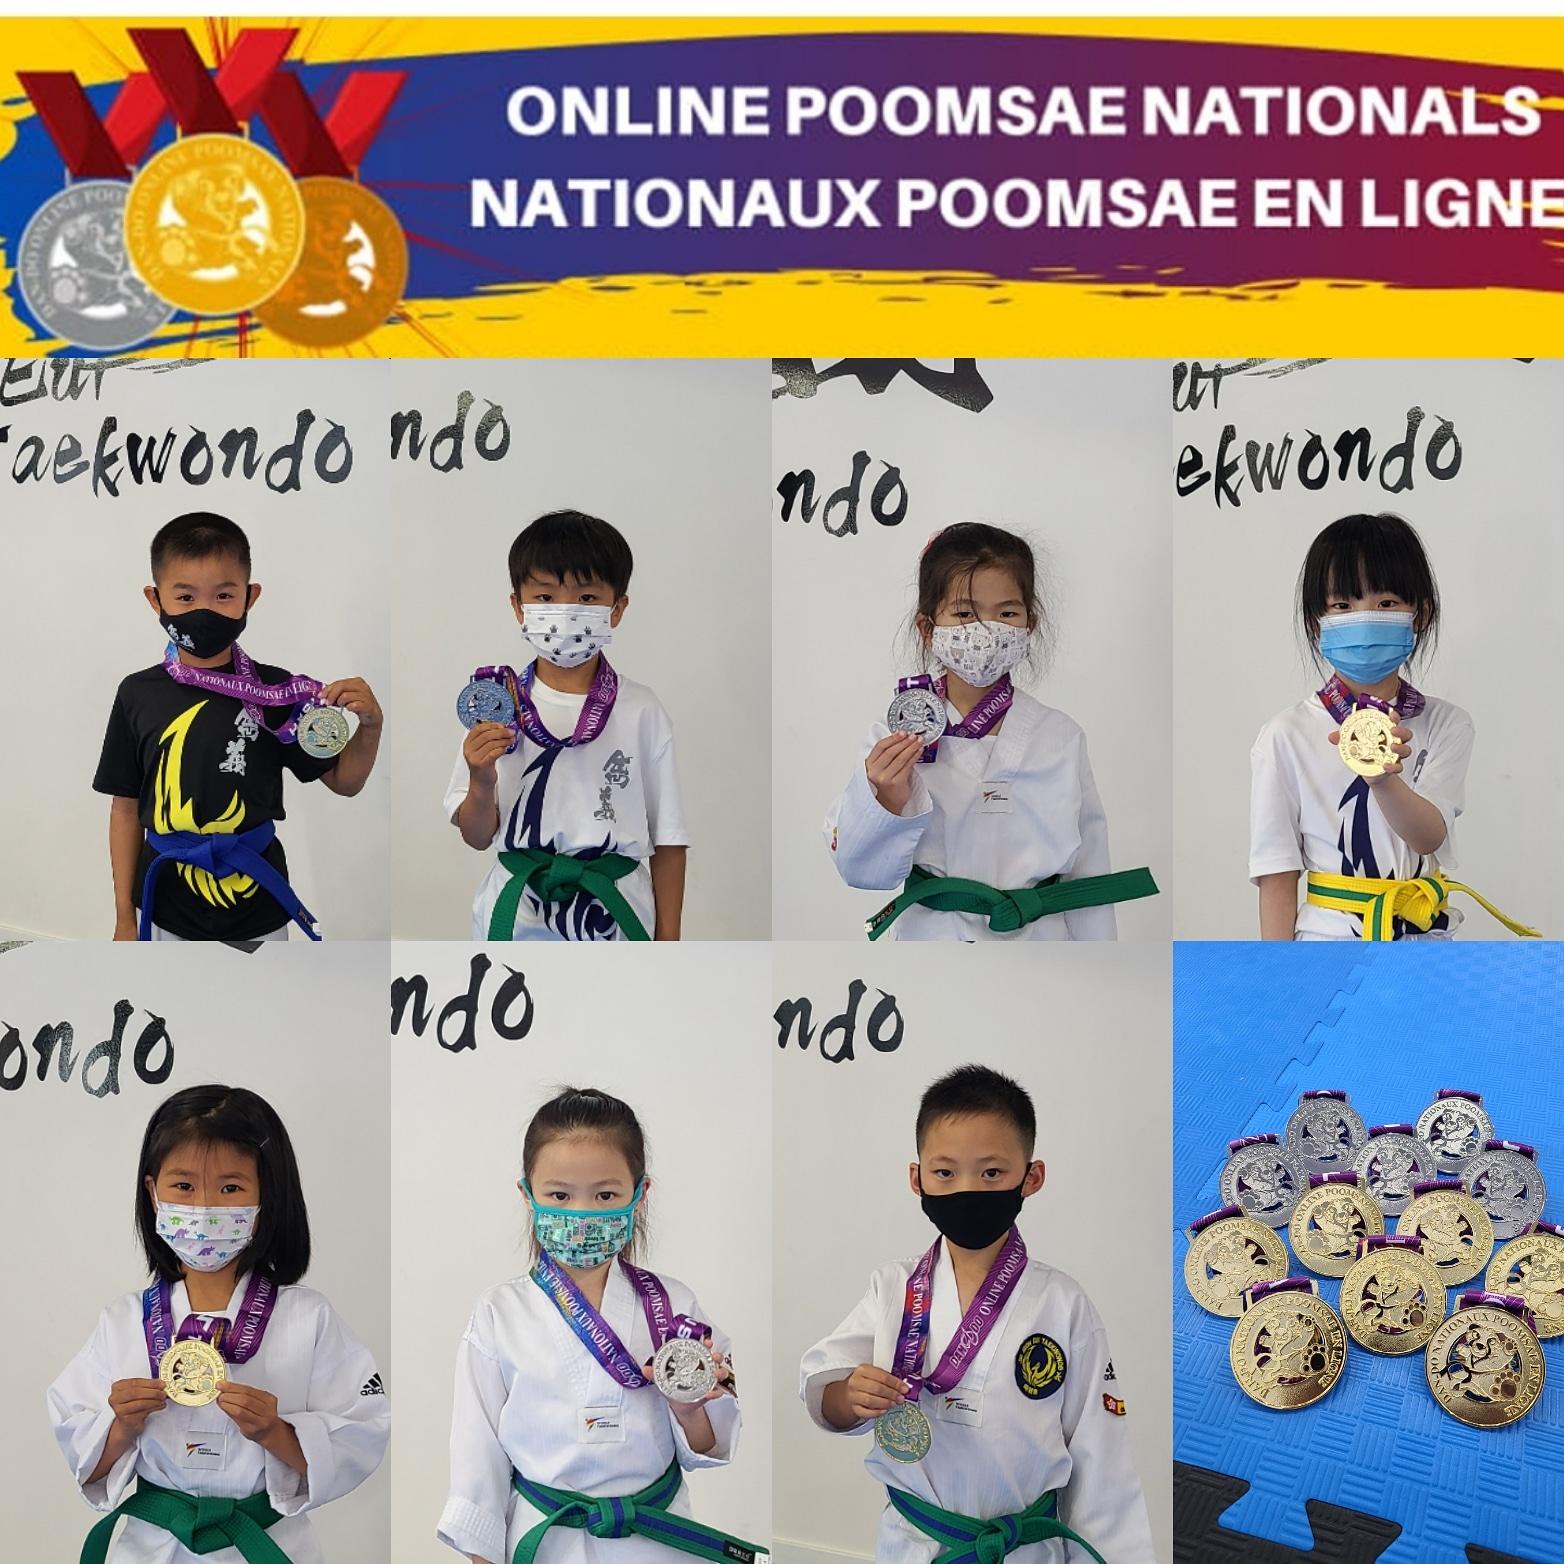 2021 Dan-do Online Poomsae Nationals